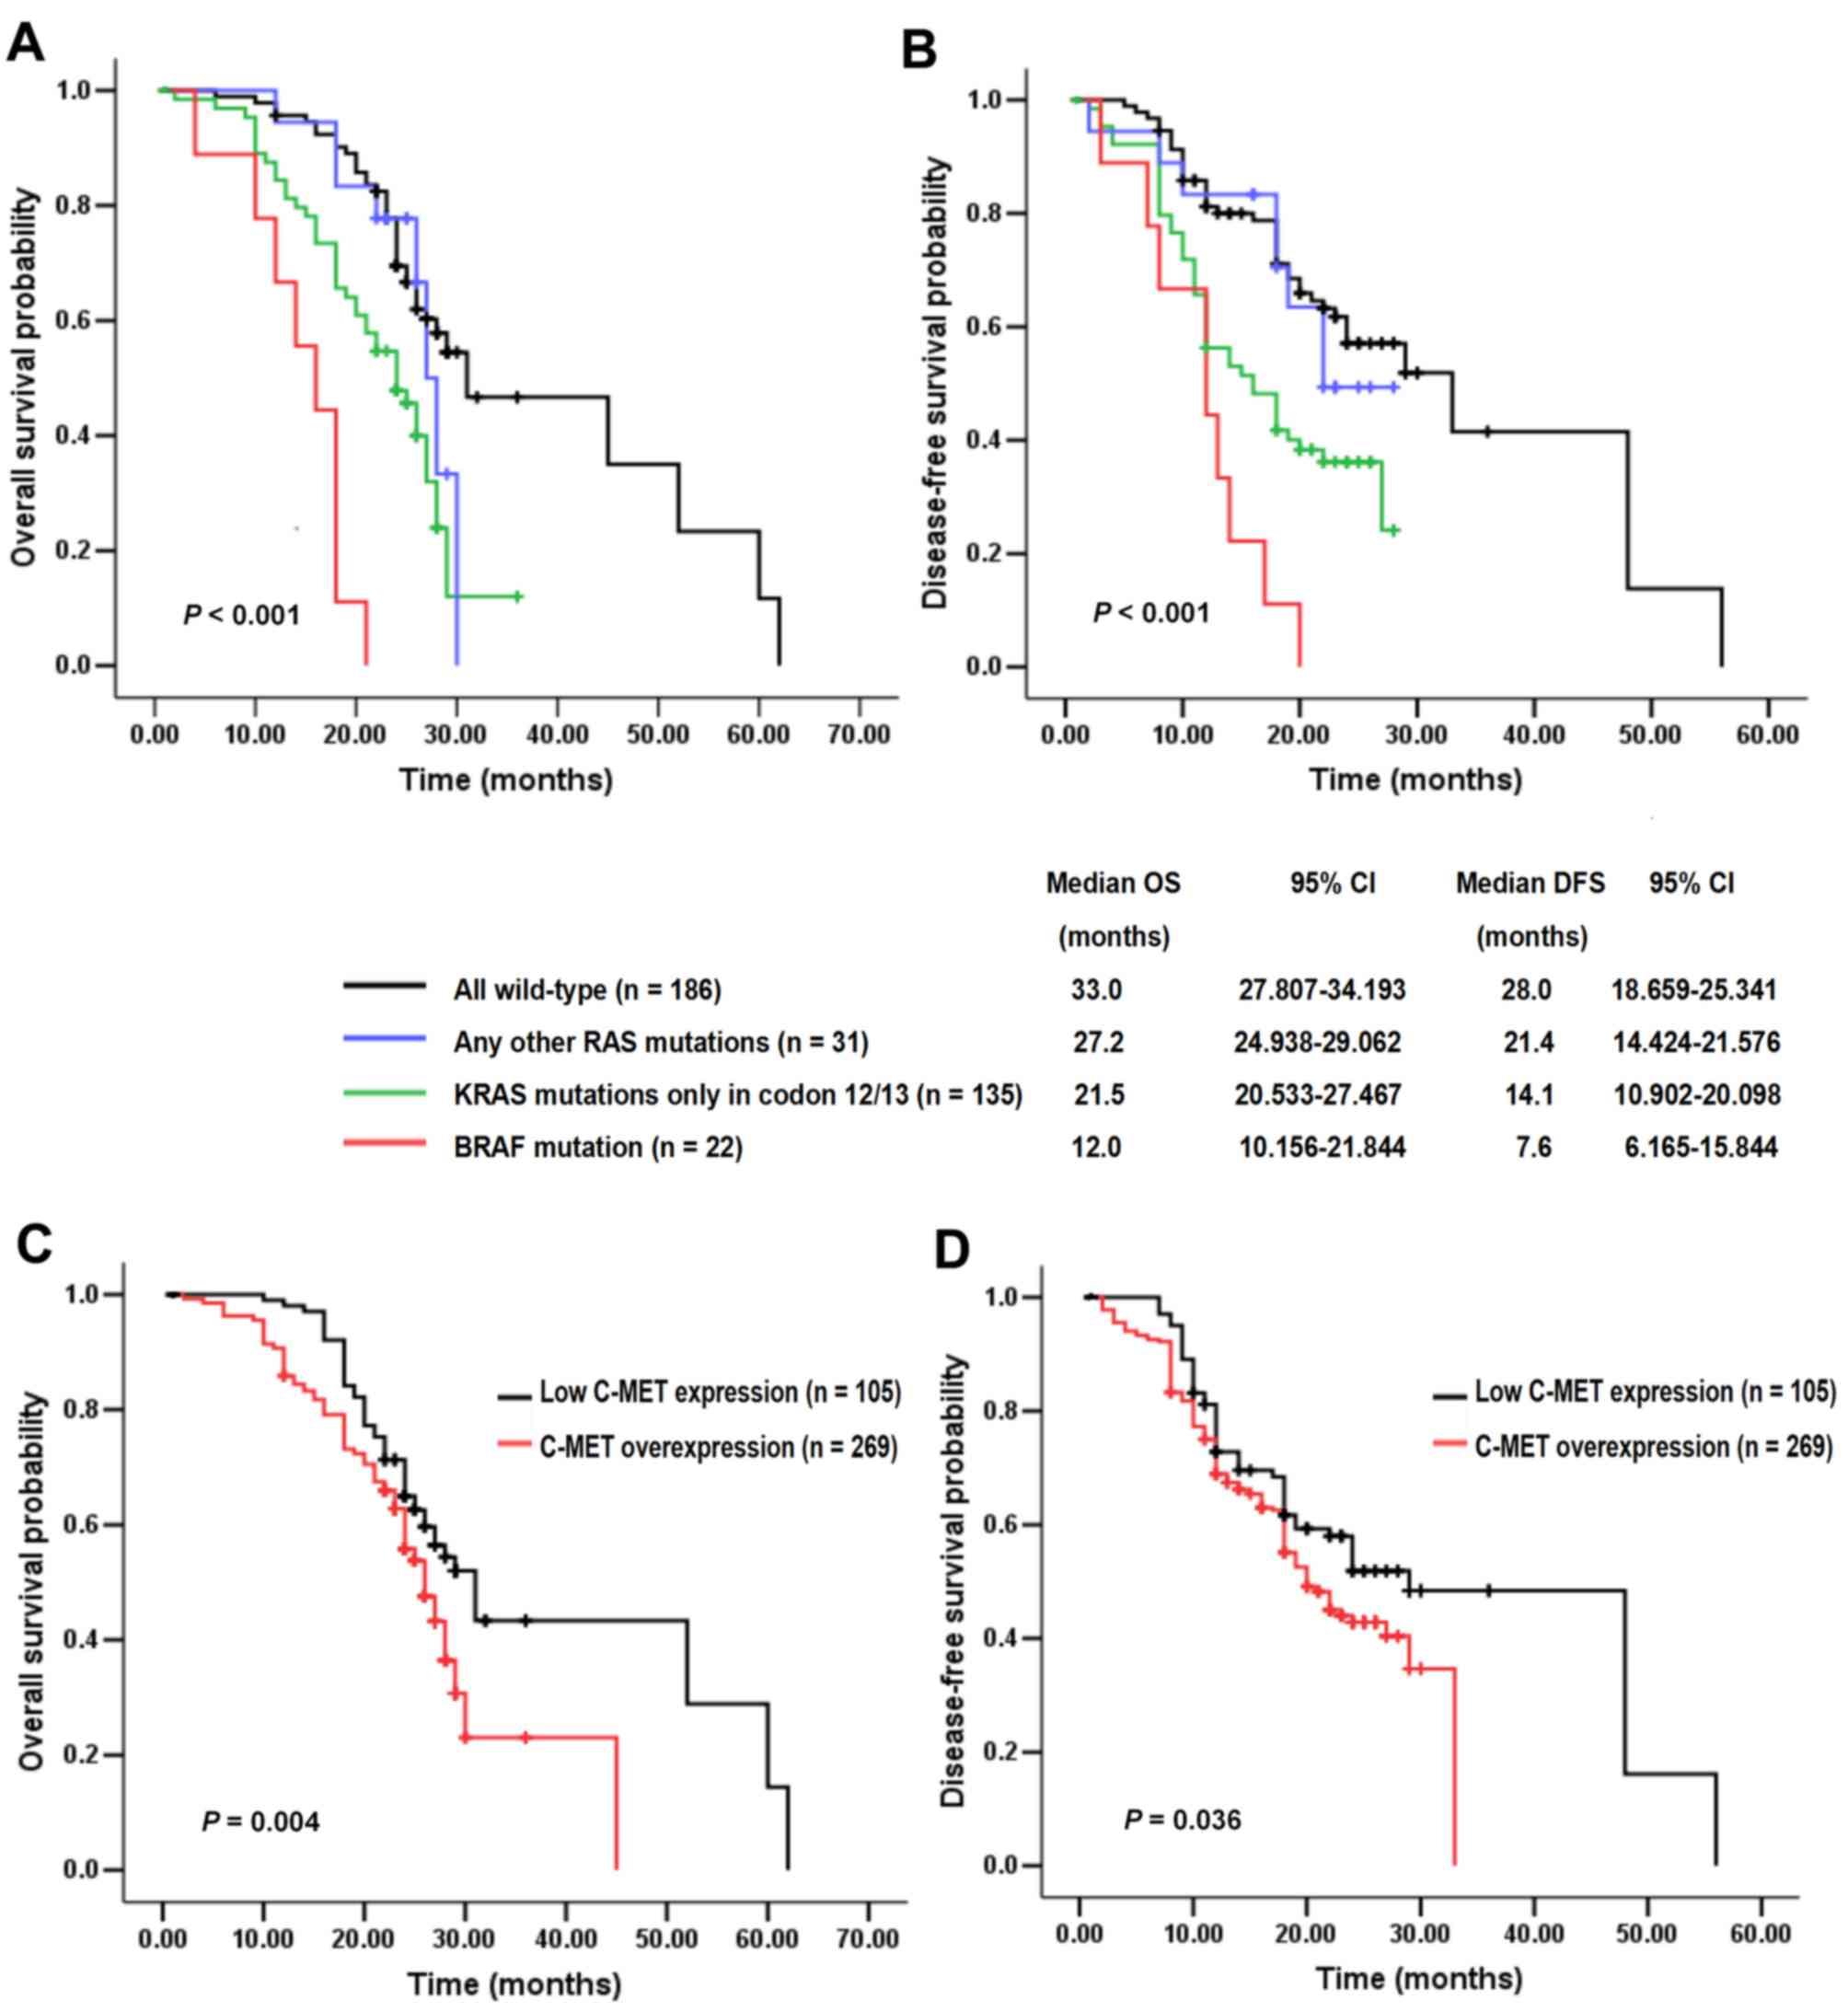 Upregulation of c-mesenchymal epithelial transition